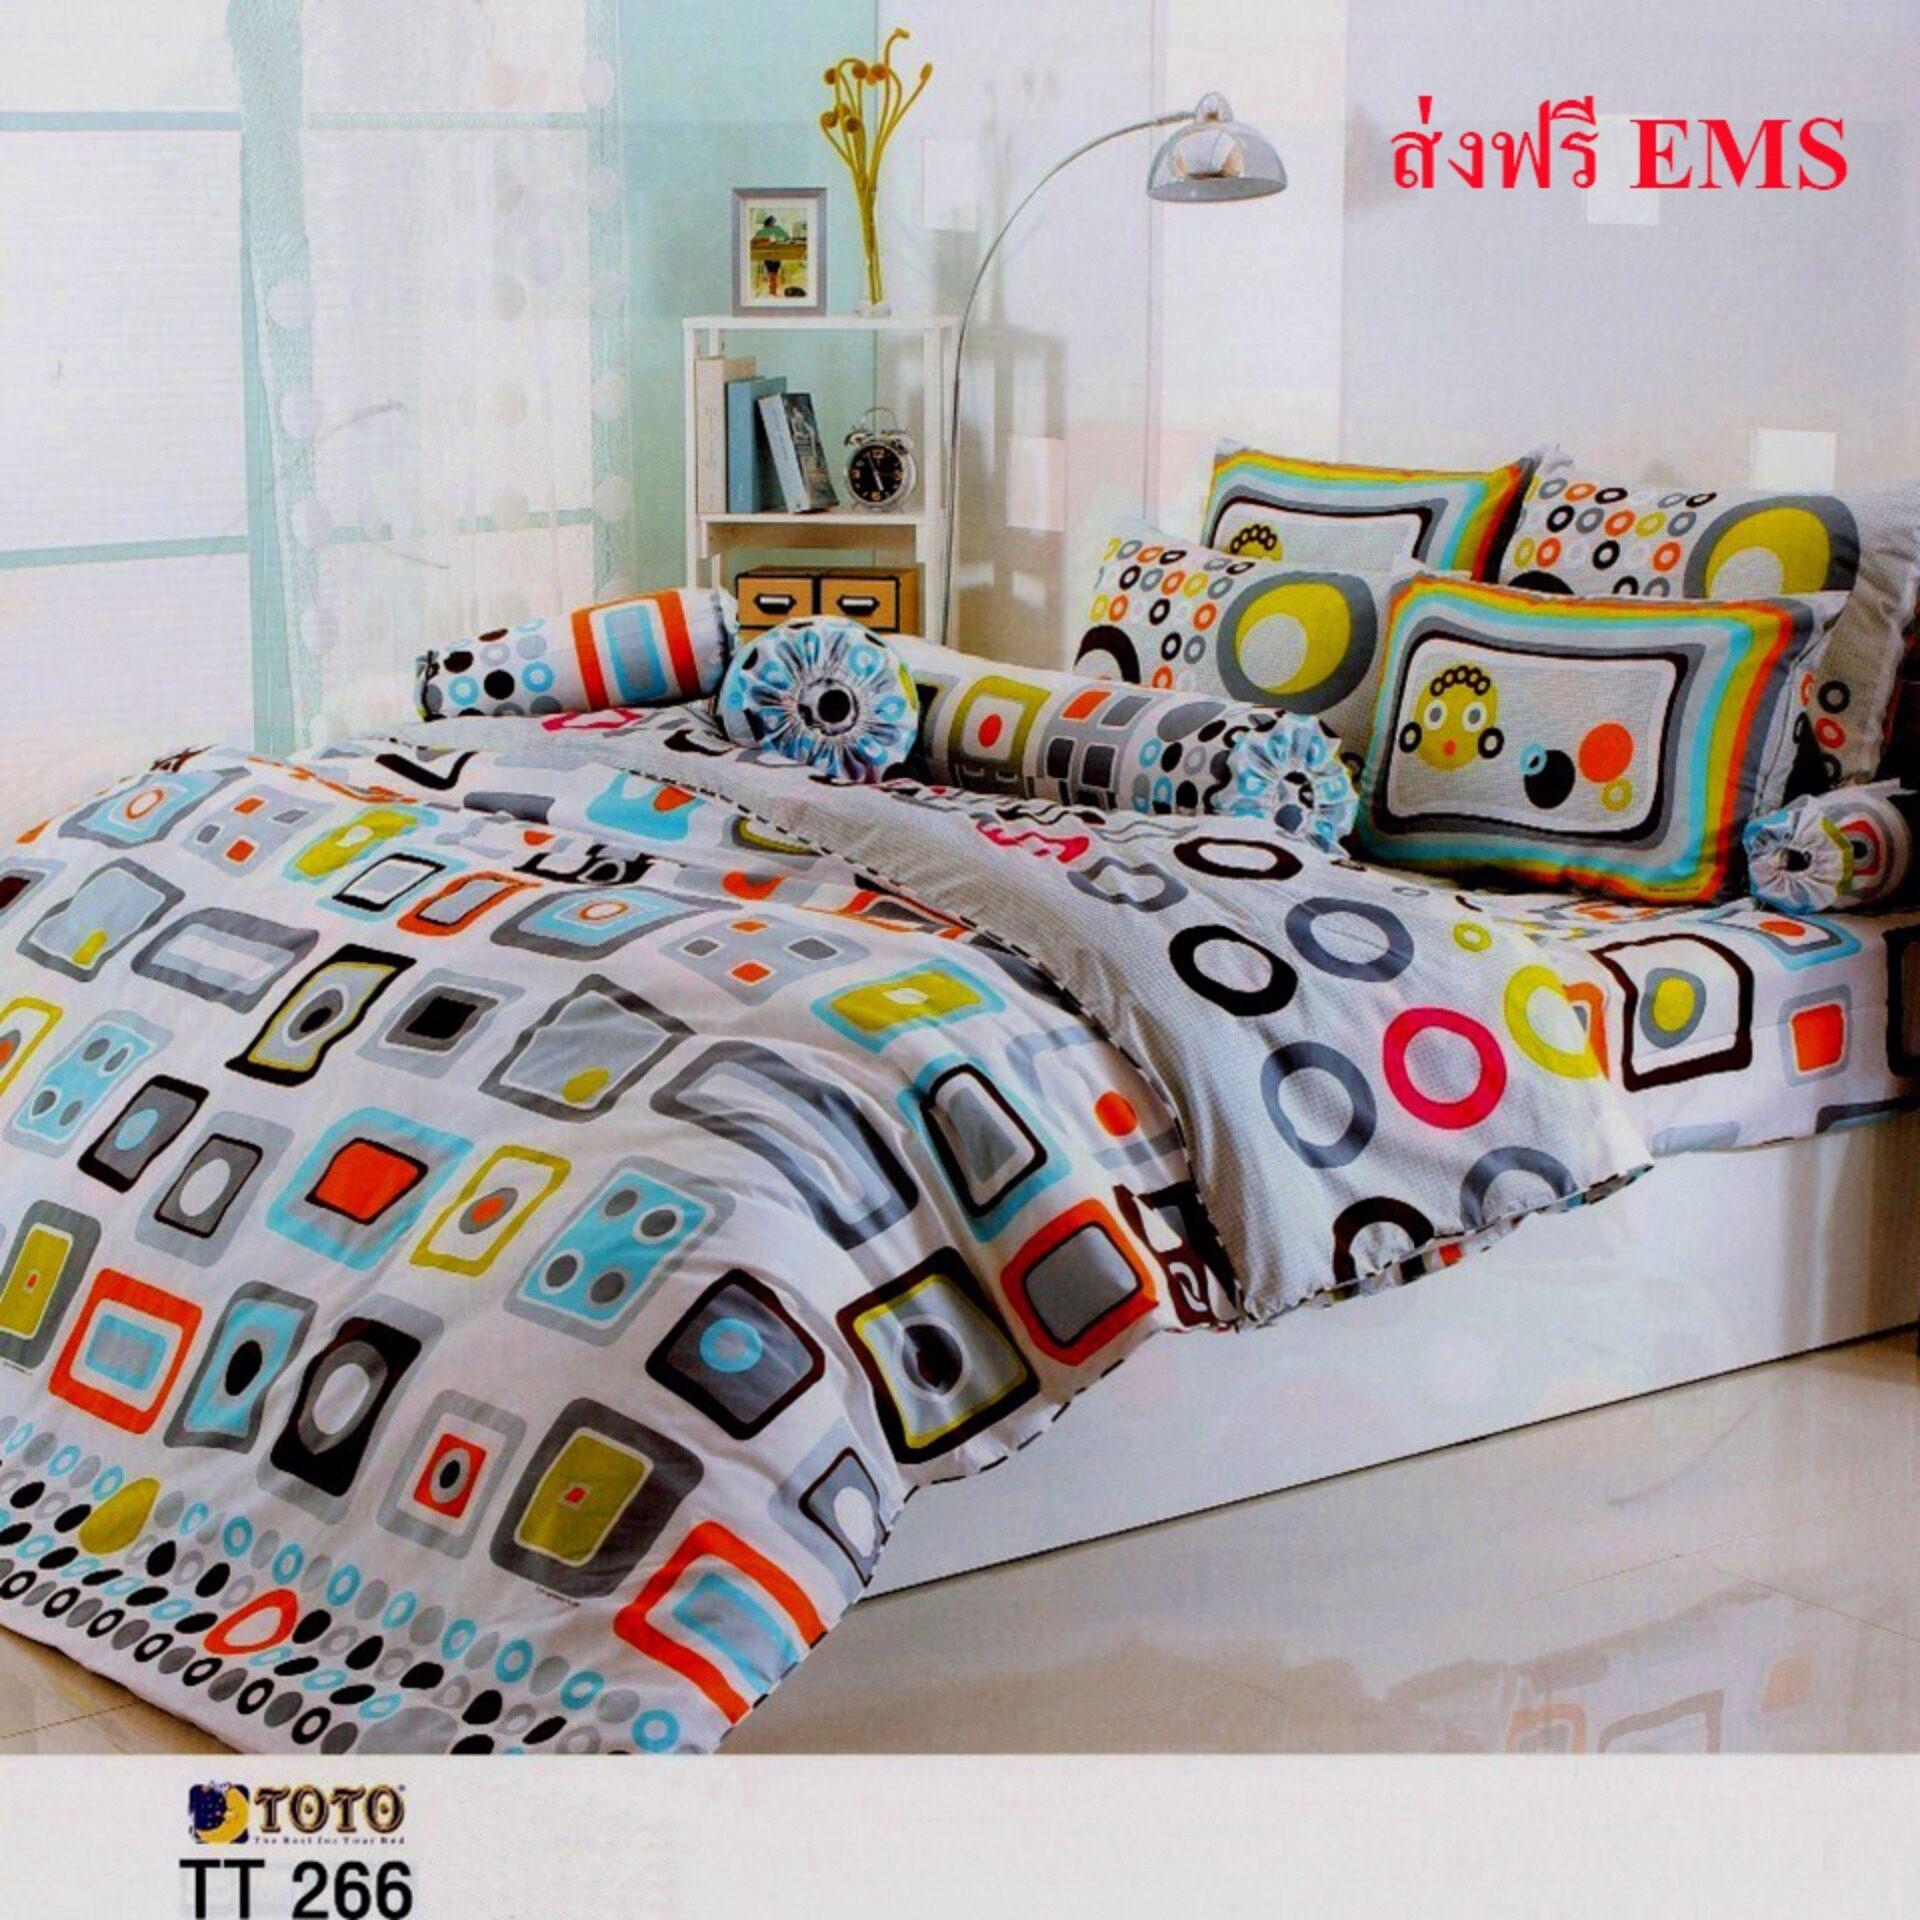 โตโต้ ชุดผ้าปูที่นอน (ไม่รวม ผ้านวม) *** ส่งฟรี Ems *** Tt266 ( 3.5ฟุต / เดี่ยว : 5ฟุต / ควีน : 6ฟุต / คิง ).